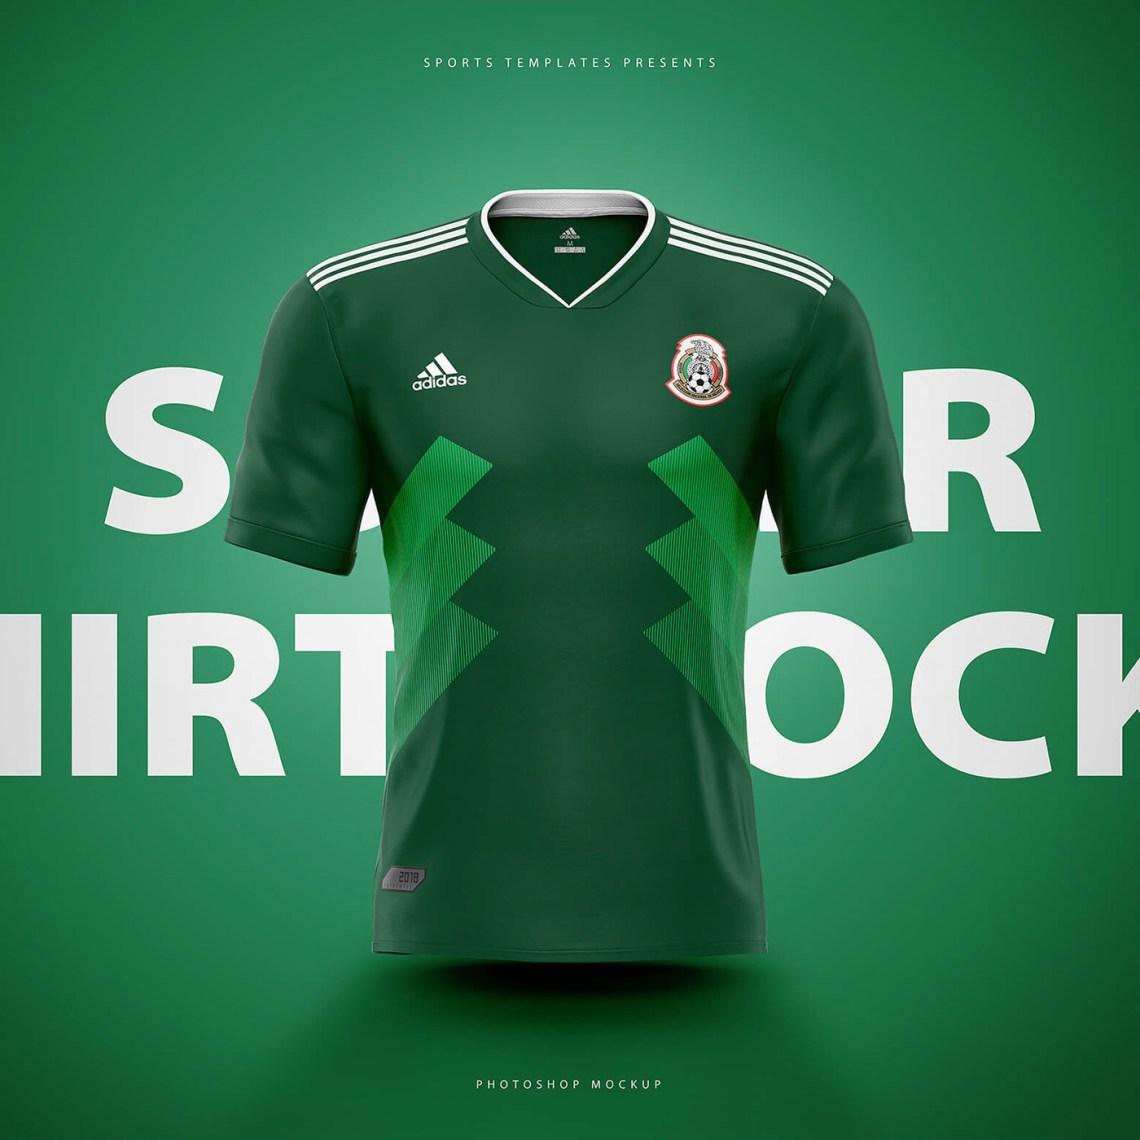 Download Adidas Football / Soccer shirt builder PSD template on Behance